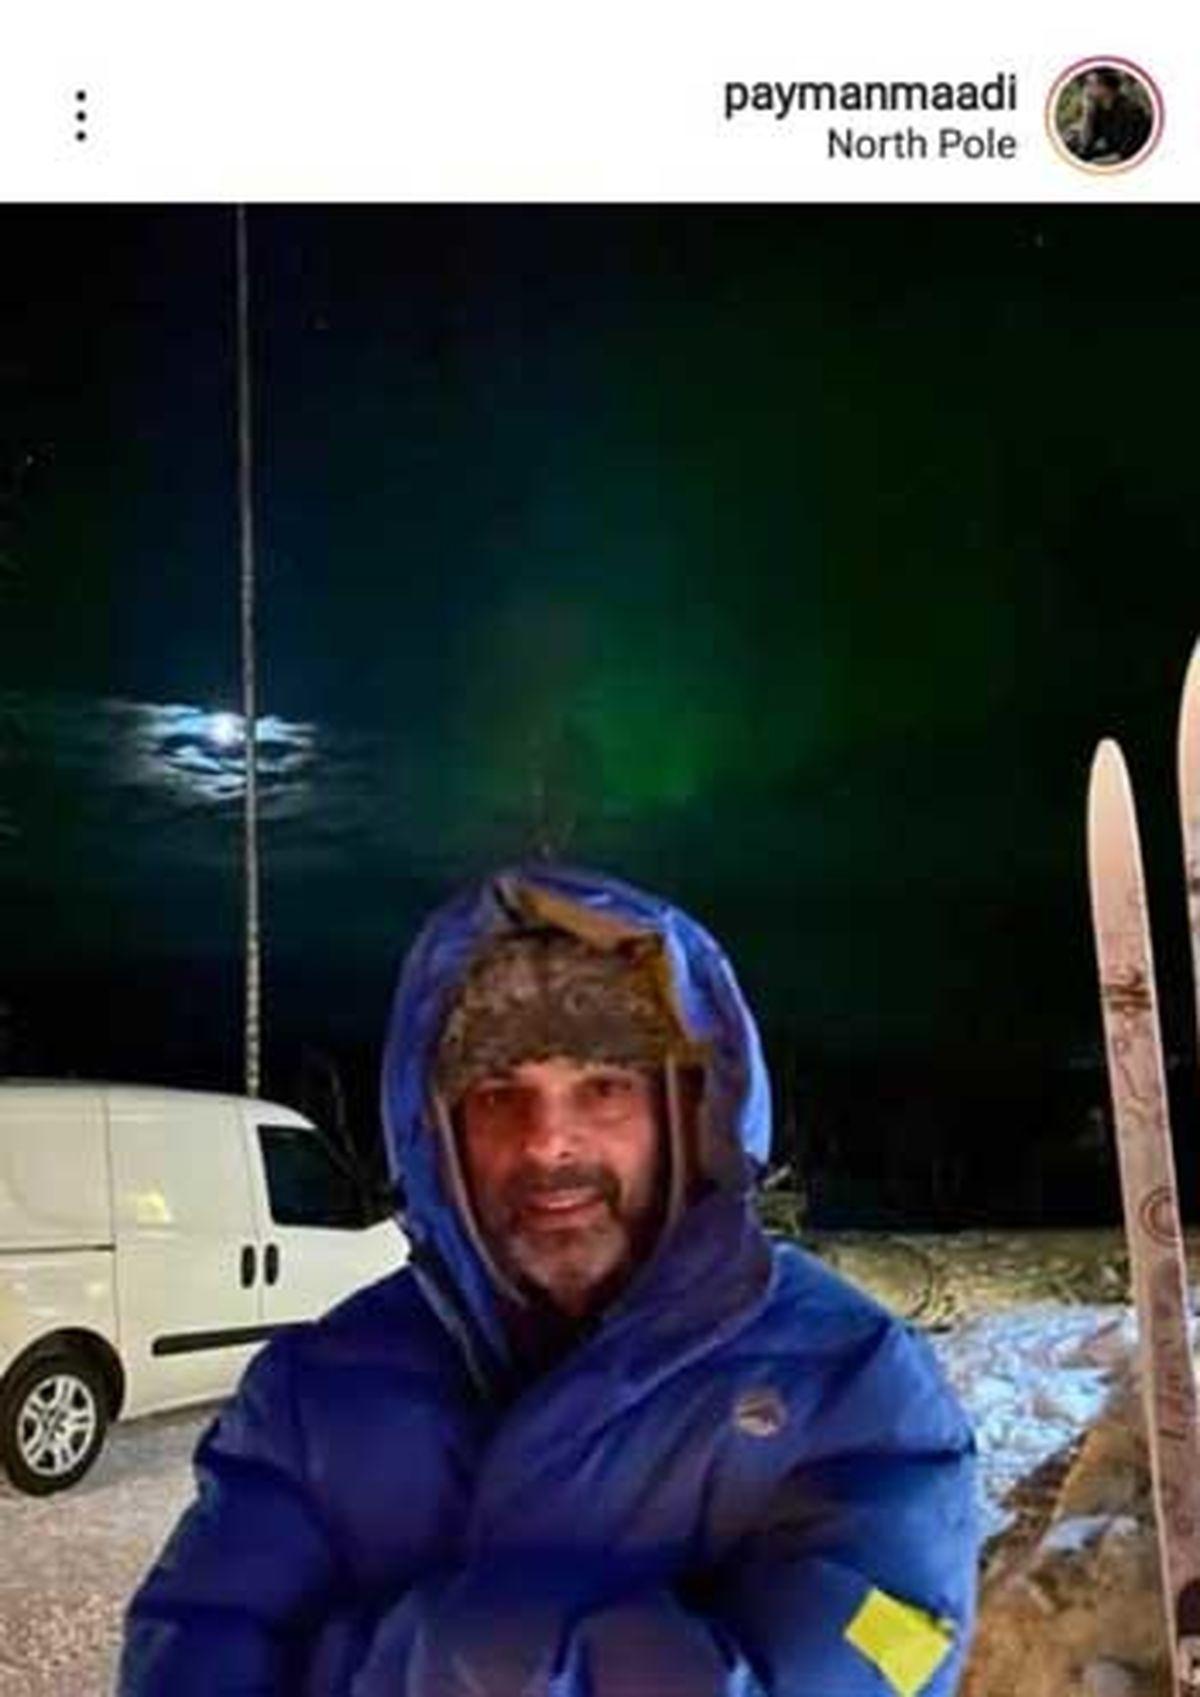 عکس دیده نشده از پیمان معادی در سرمای منفی ۲۸ درجه قطب شمال